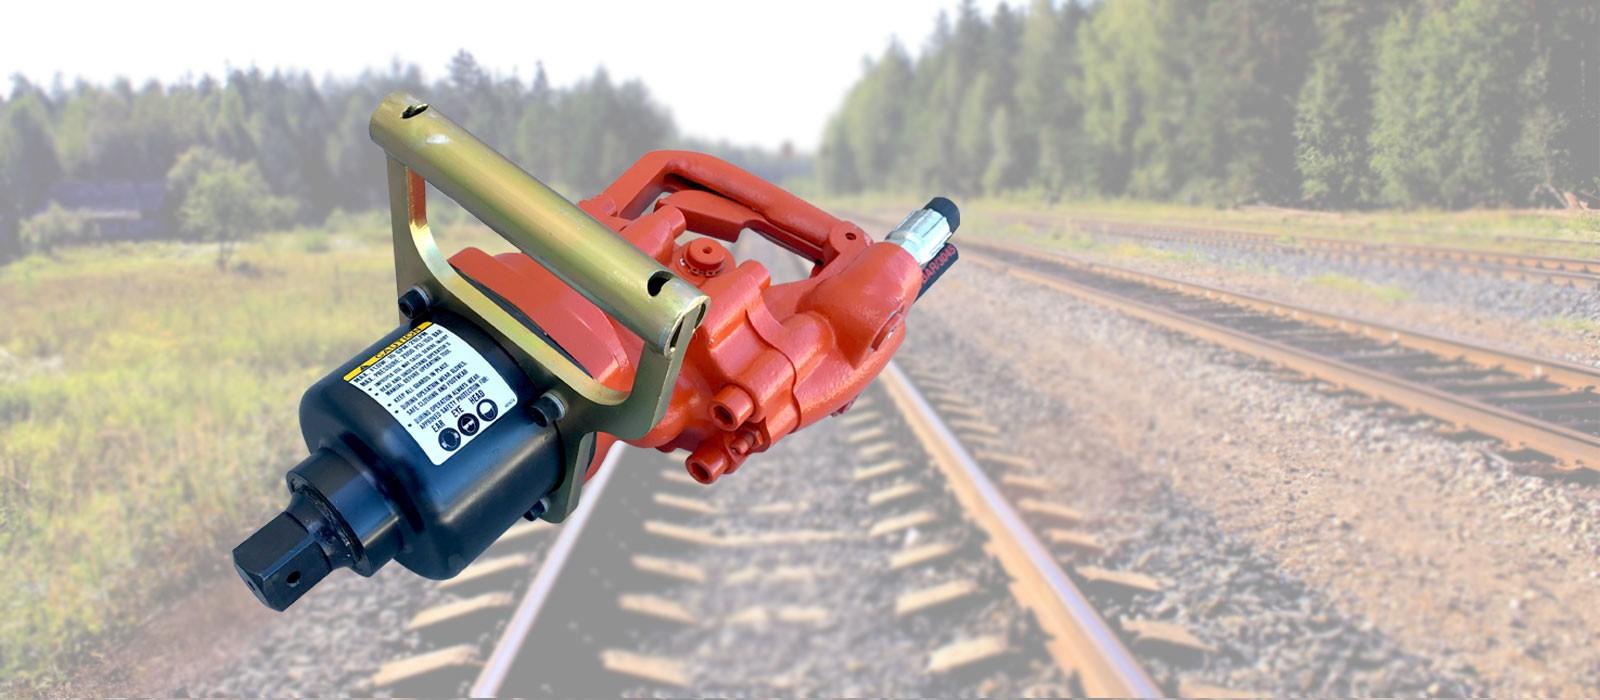 Racine Railroad Products